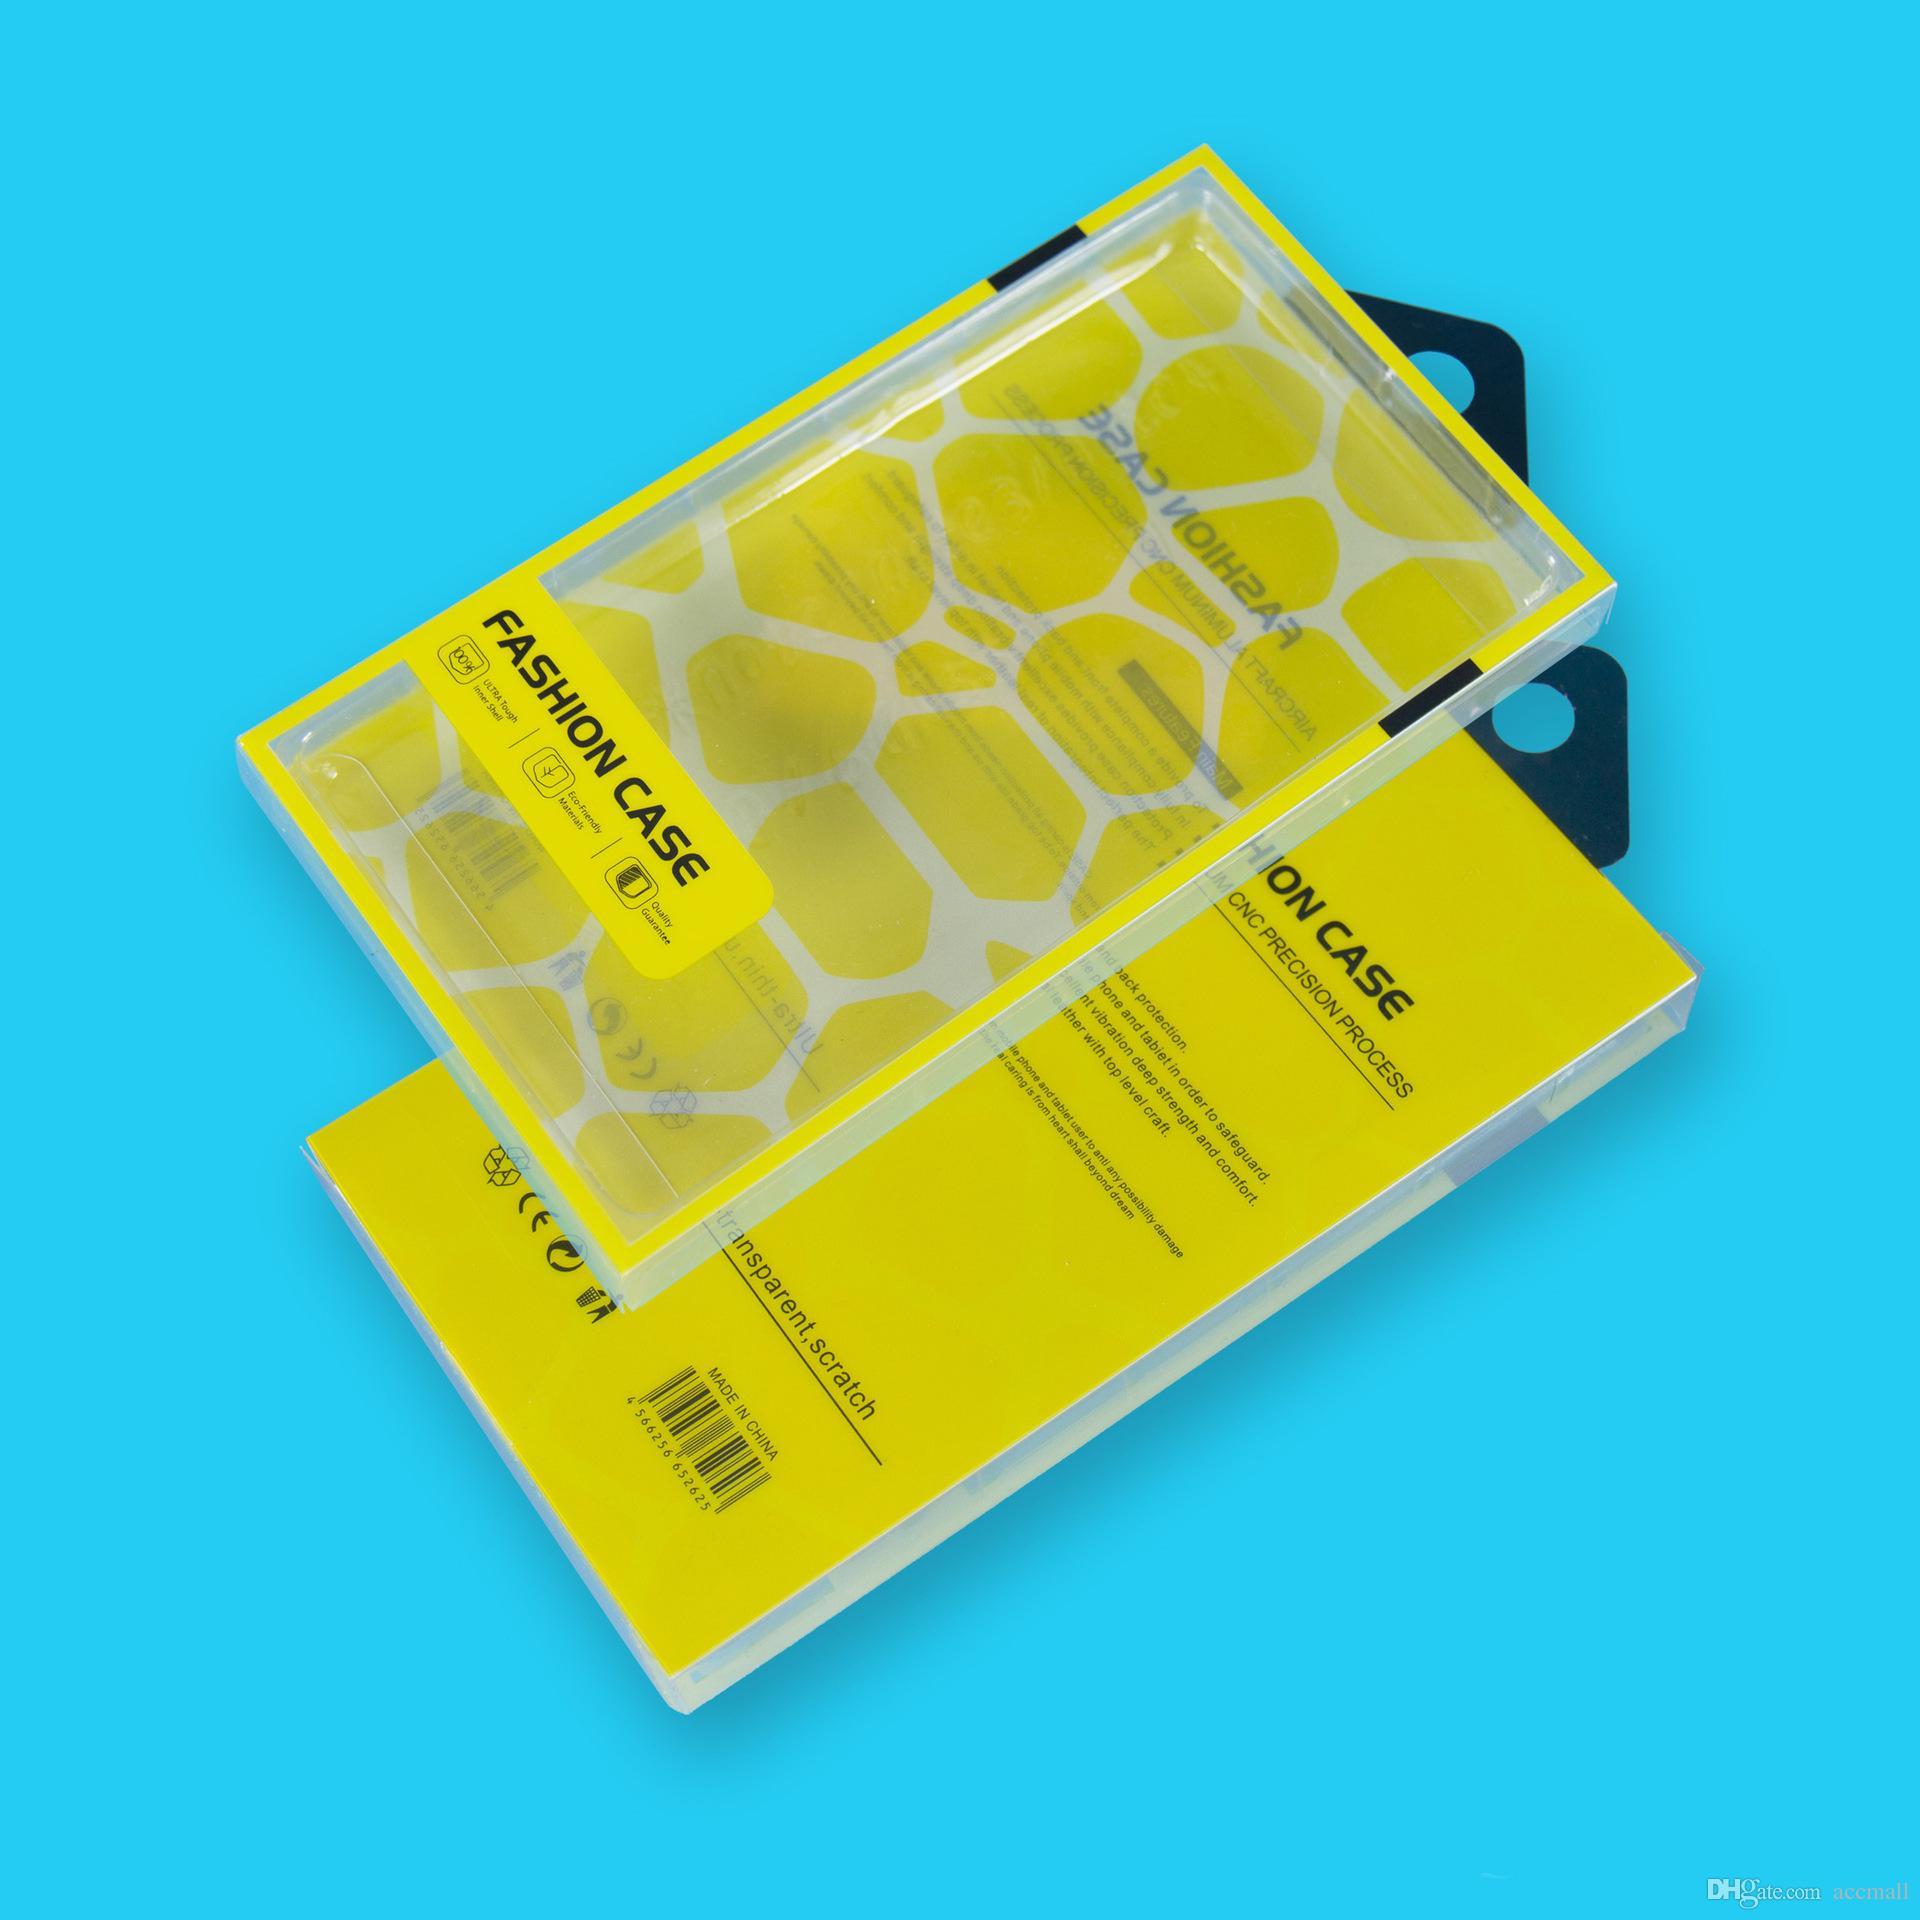 حزمة pvc مربع التجزئة فارغة صناديق تغليف بلاستيكية آيفون 8 7 6 ثانية 6 زائد 5.5 بوصة x سامسونج s5 ملاحظة 4 3 الهاتف الجلود المحفظة حالة تغطية